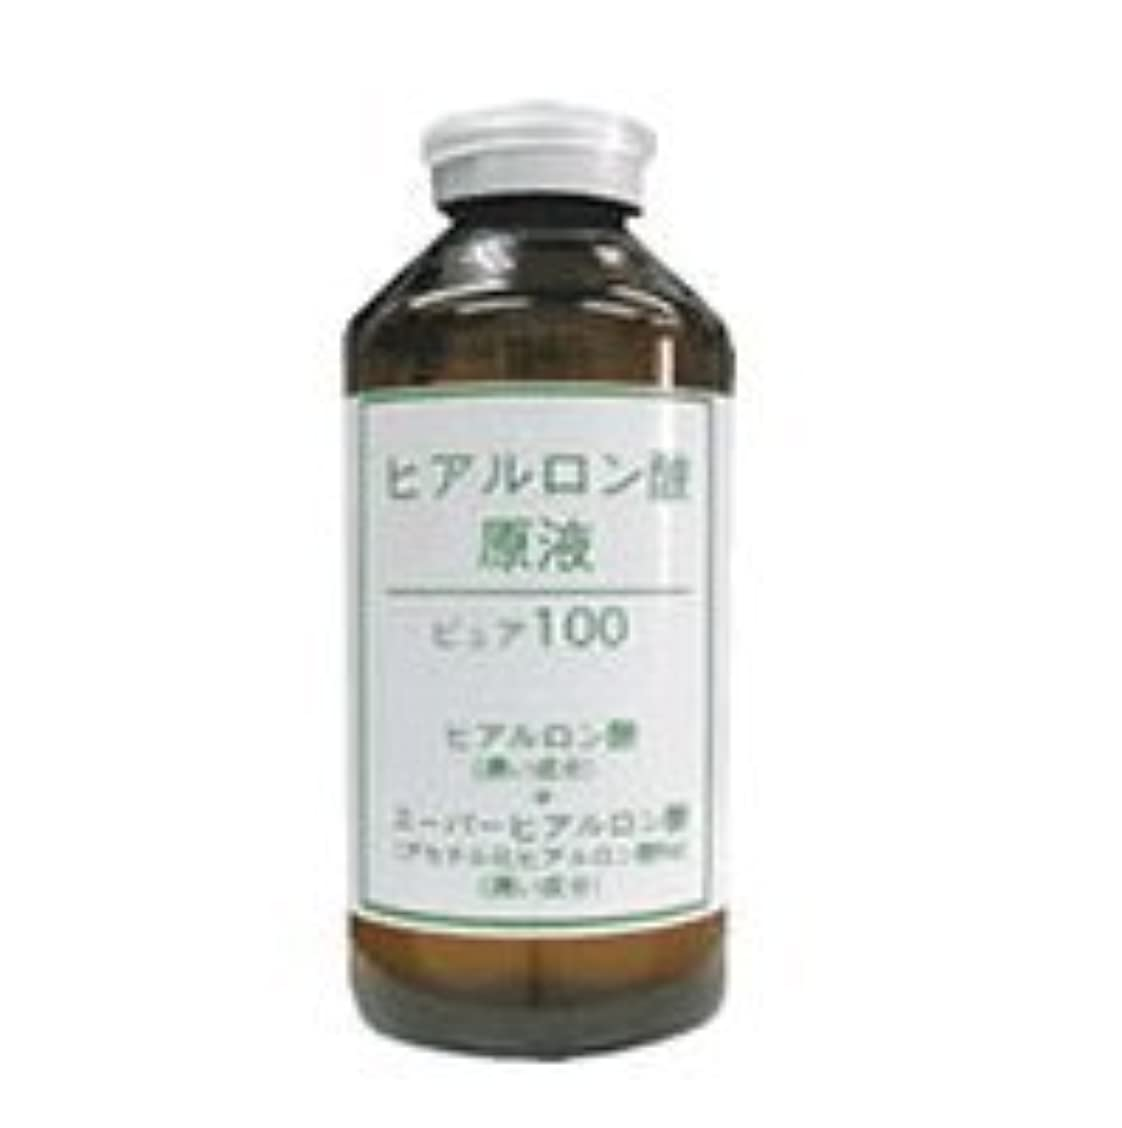 証人郵便物文明化するヒアルロン酸原液 ピュアエッセンス 55ml  ヒアルロン酸+スーパーヒアルロン酸